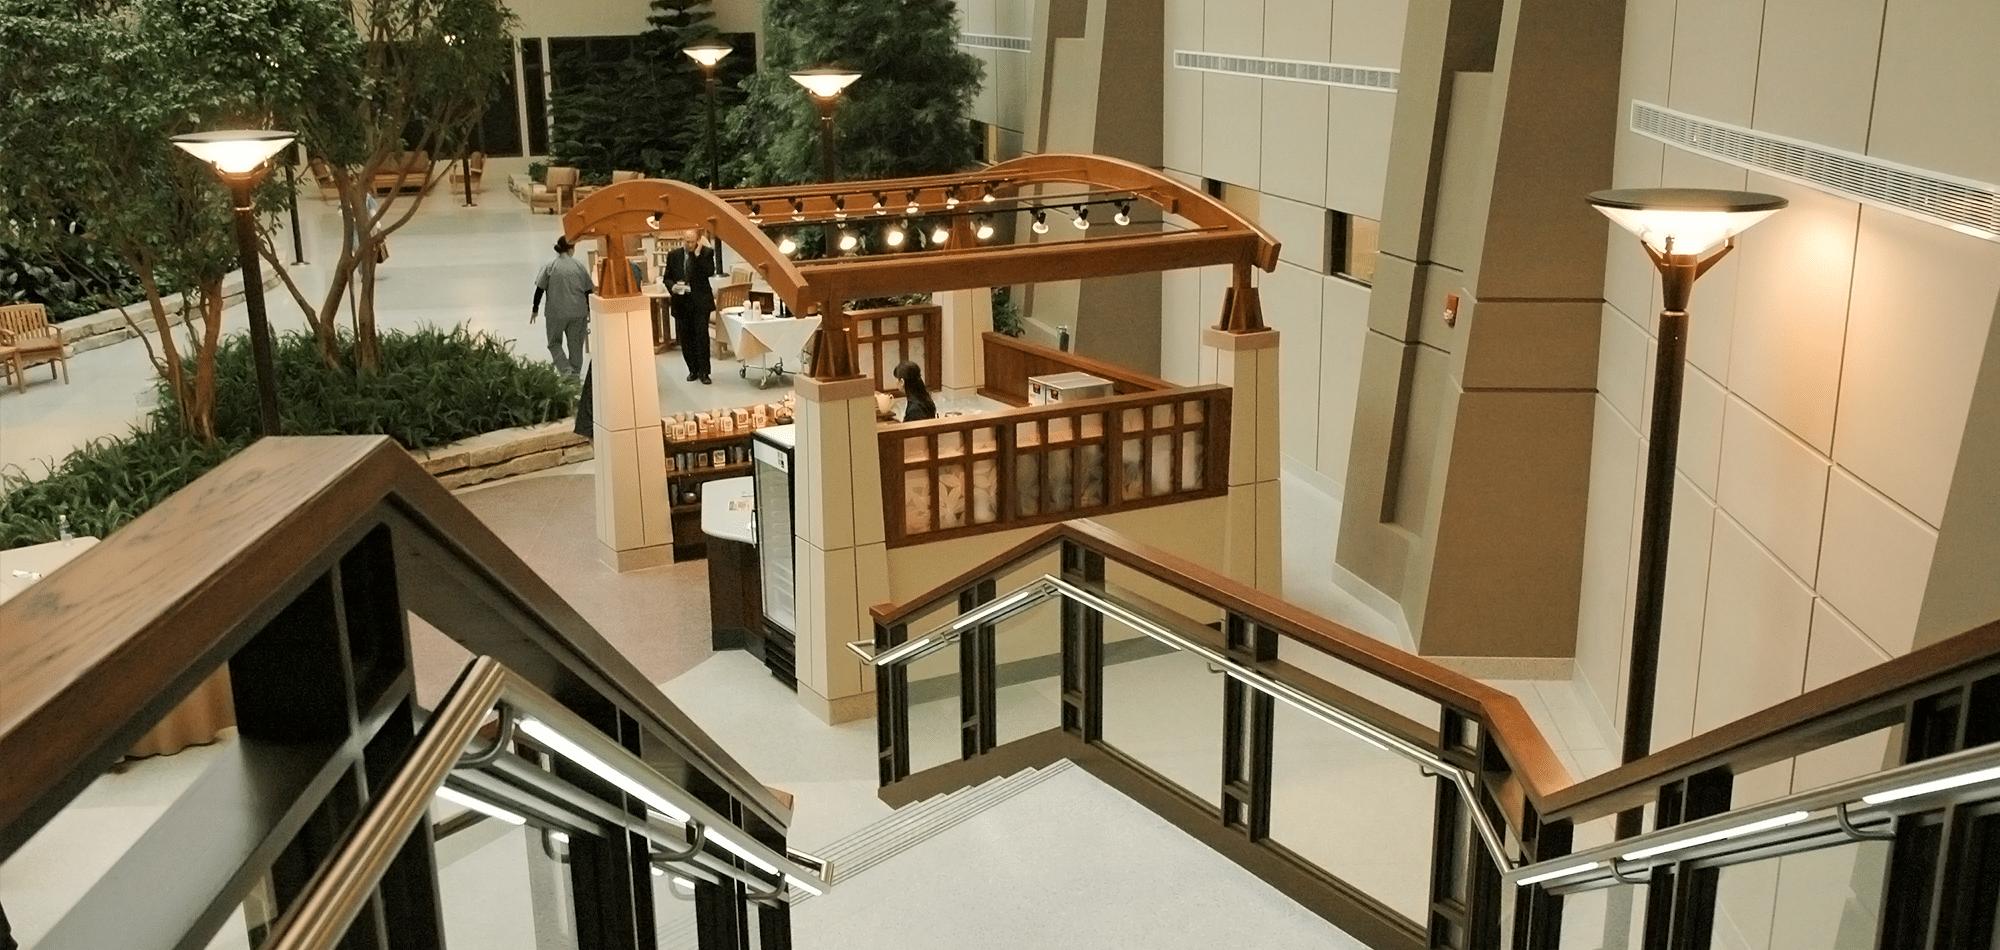 Hospital Tea Kiosk